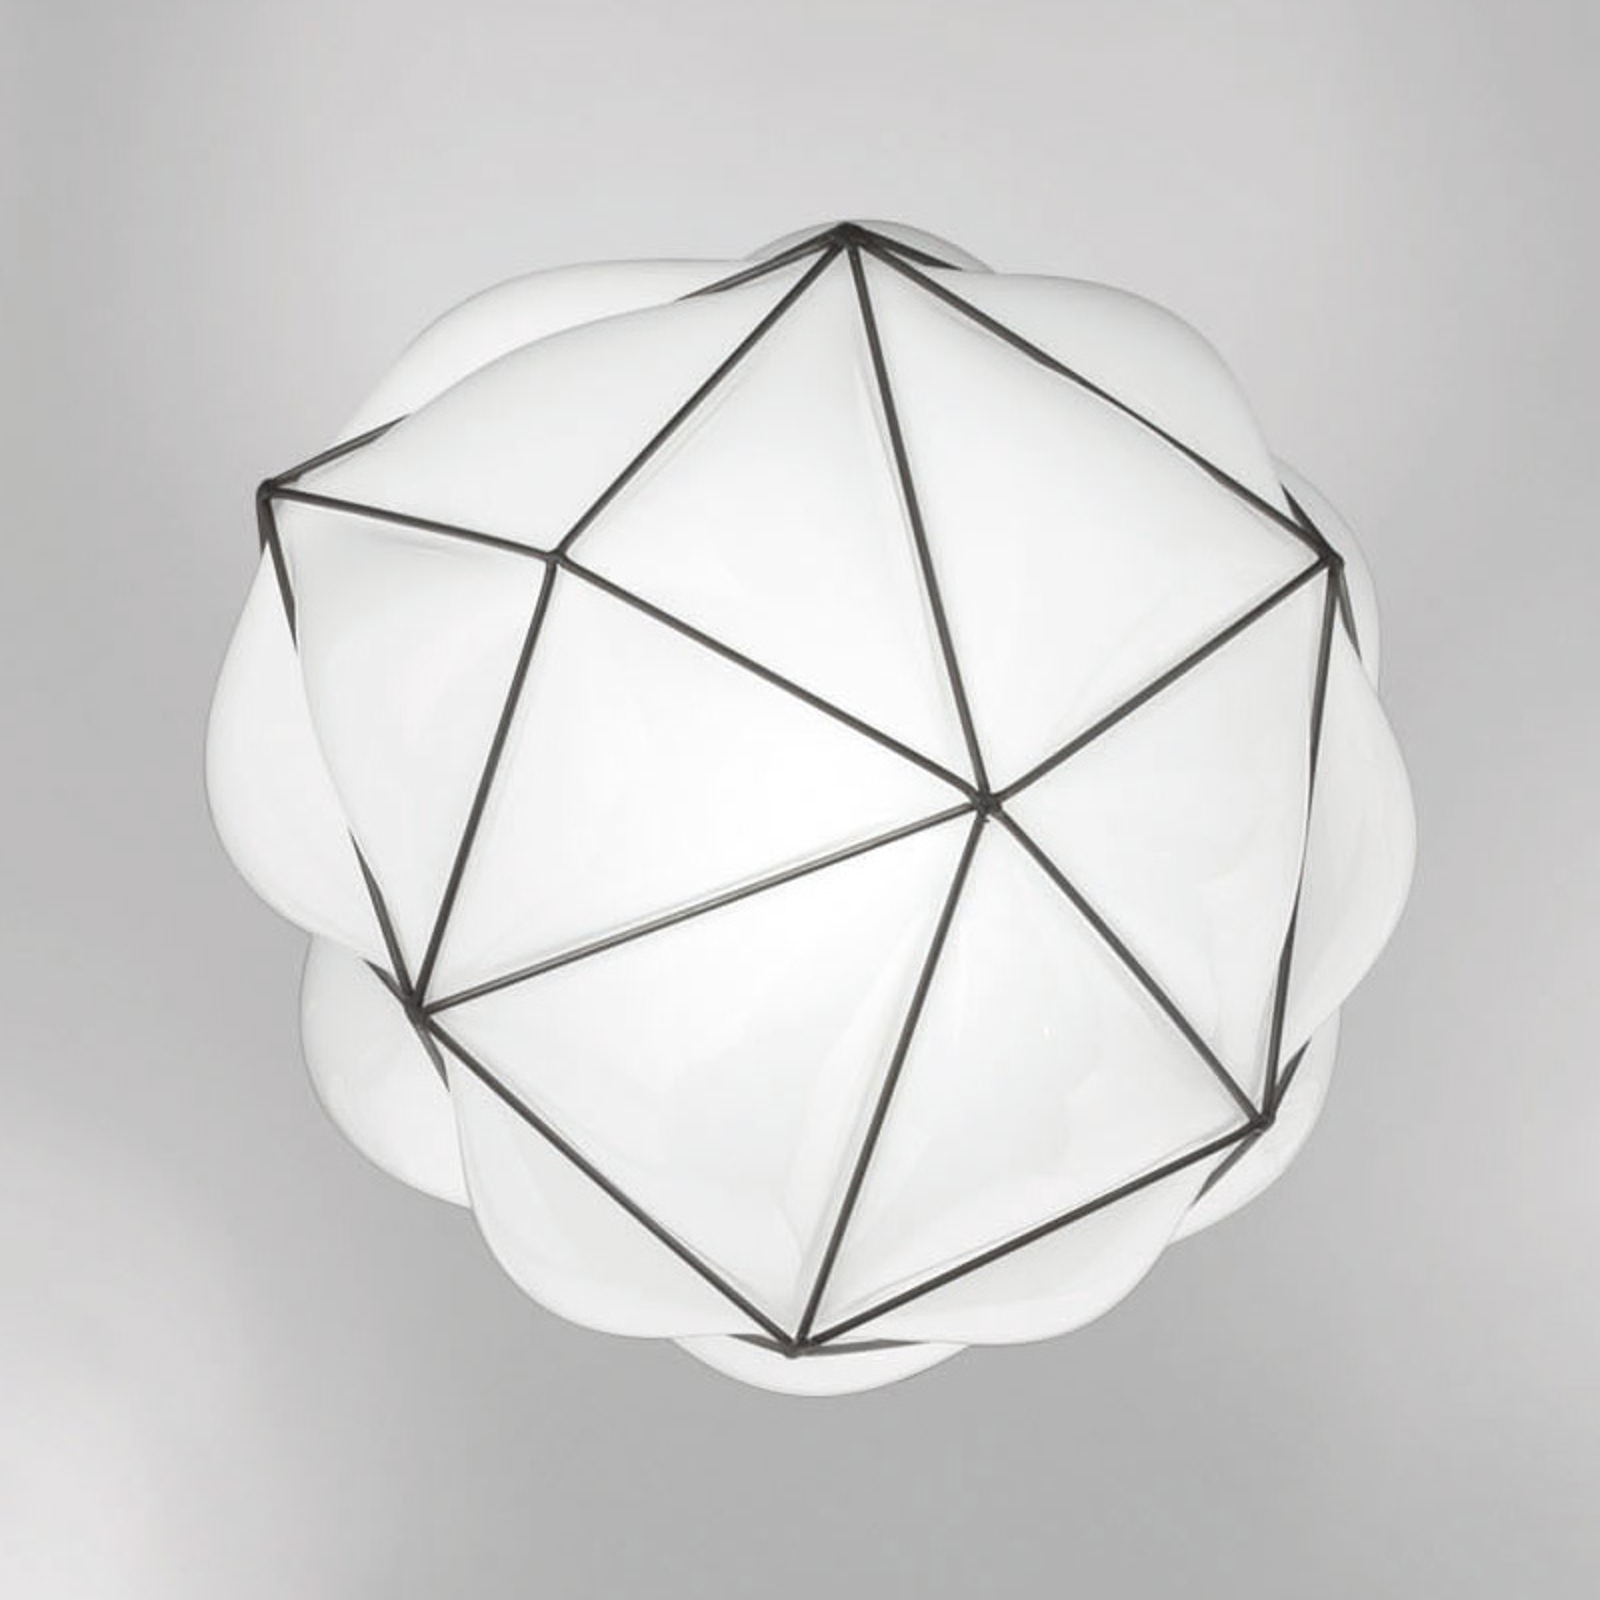 Lampa sufitowa Semai PL M E27 Ø 40 cm